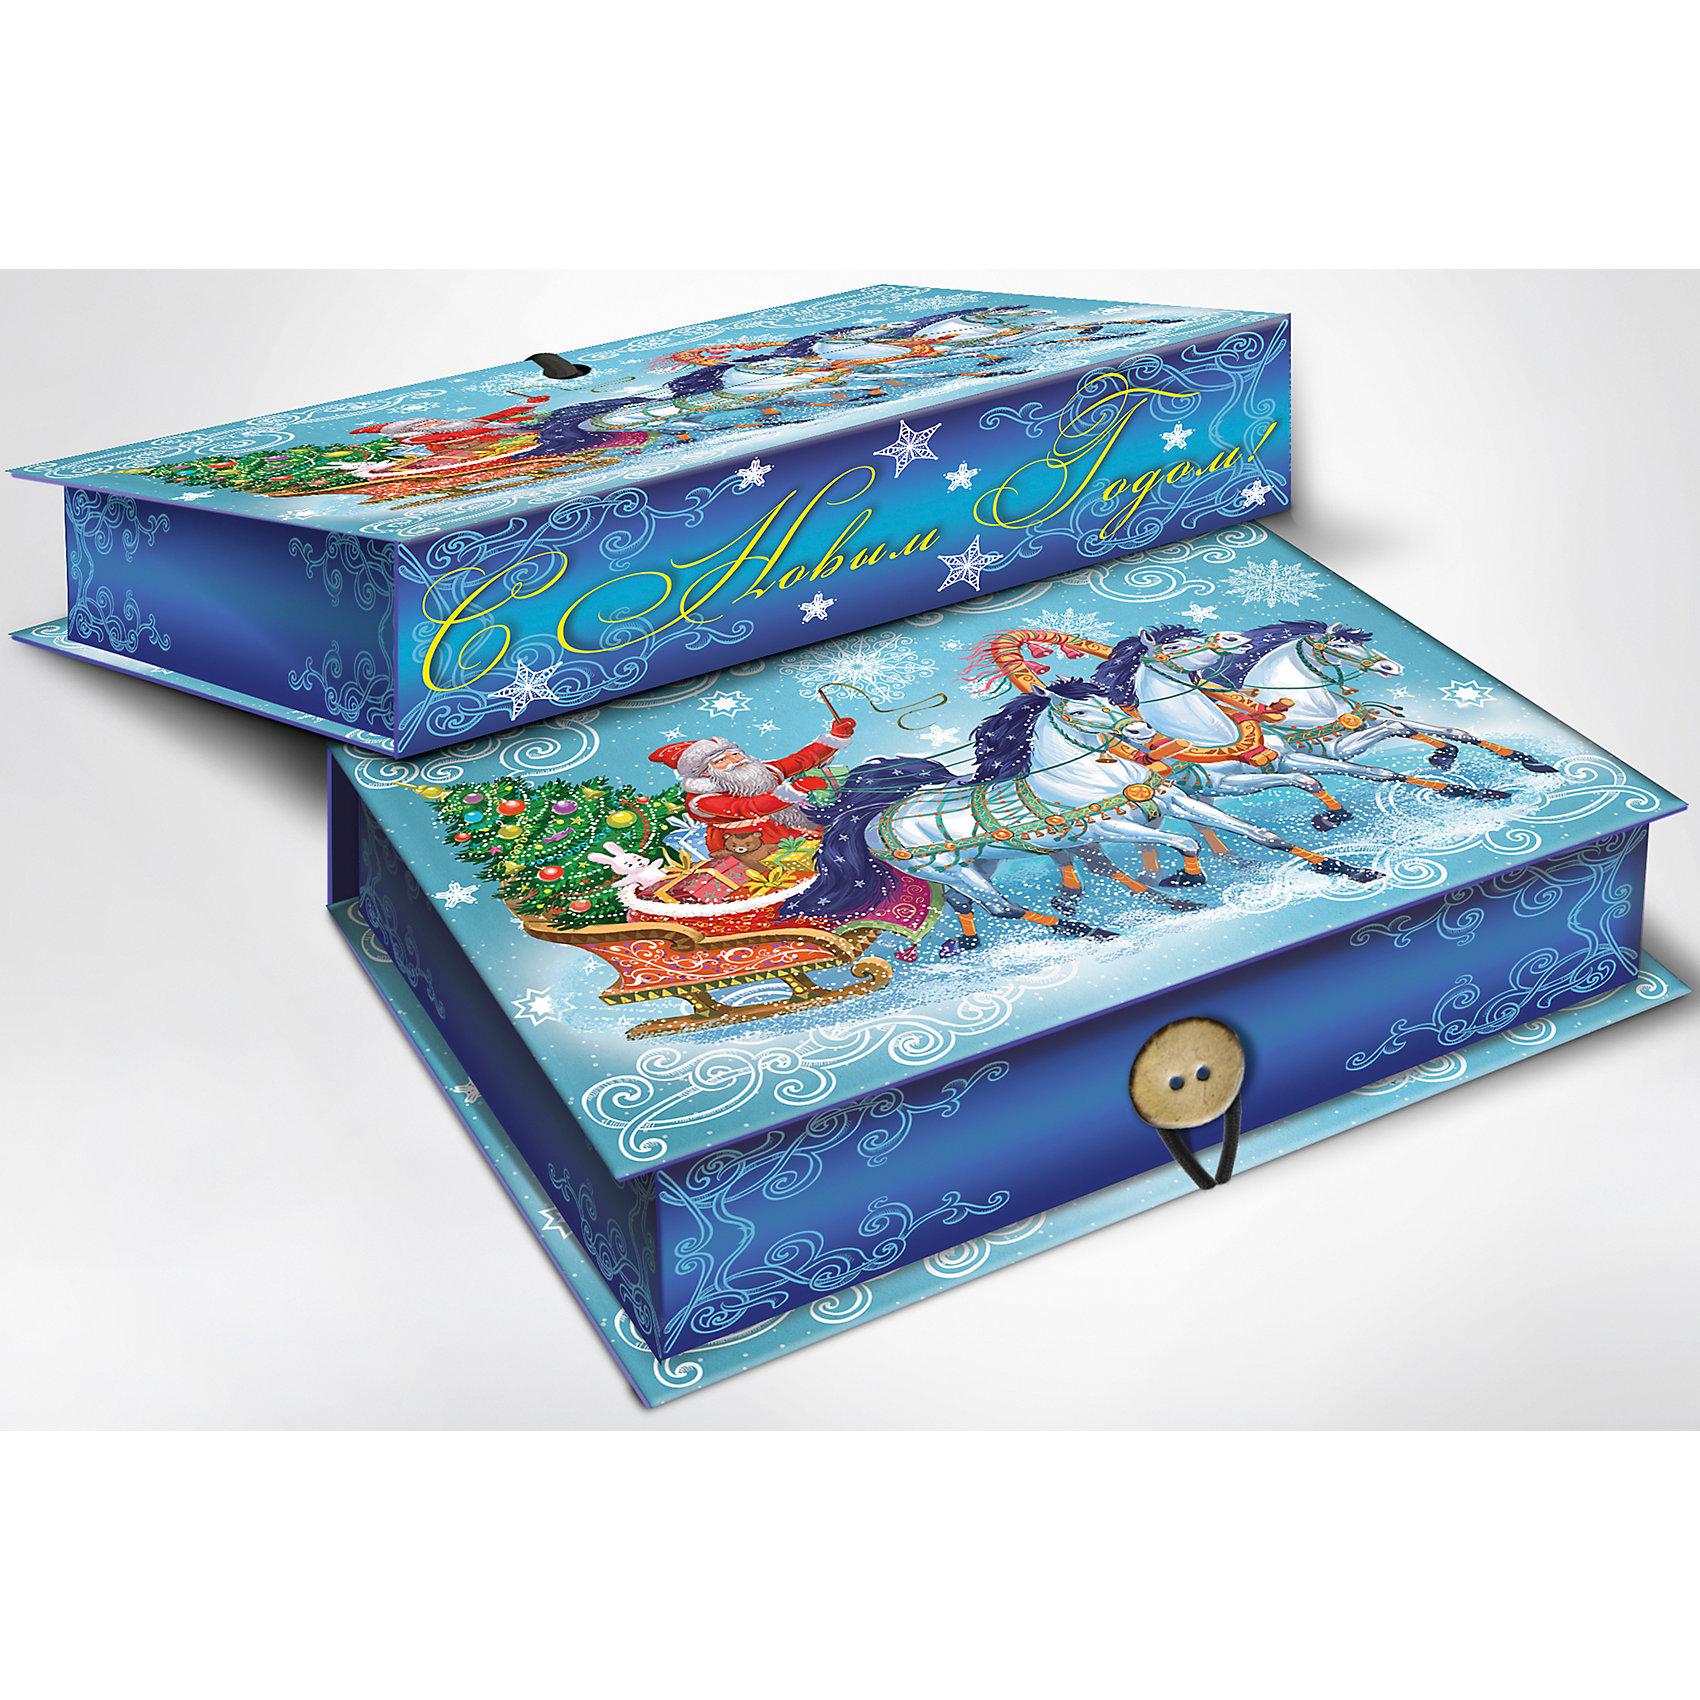 Подарочная коробка Дед Мороз на тройке 20*14*6 смВсё для праздника<br>Красиво упакованный подарок приятнее получать вдвойне! Яркая коробка - универсальный, практичный и стильный вариант для упаковки любых подарков.<br><br>Дополнительная информация:<br><br>- Материал: мелованный ламинированный негофрированный картон (плотность - 1100 г/м2).<br>- Размер: 20х14х6 см. <br>- Полноцветный декоративный рисунок на внутренней и наружной части. <br><br>Подарочную коробку Дед Мороз на тройке (20*14*6 см.) можно купить в нашем магазине.<br><br>Ширина мм: 200<br>Глубина мм: 140<br>Высота мм: 60<br>Вес г: 420<br>Возраст от месяцев: 36<br>Возраст до месяцев: 2147483647<br>Пол: Унисекс<br>Возраст: Детский<br>SKU: 4981312